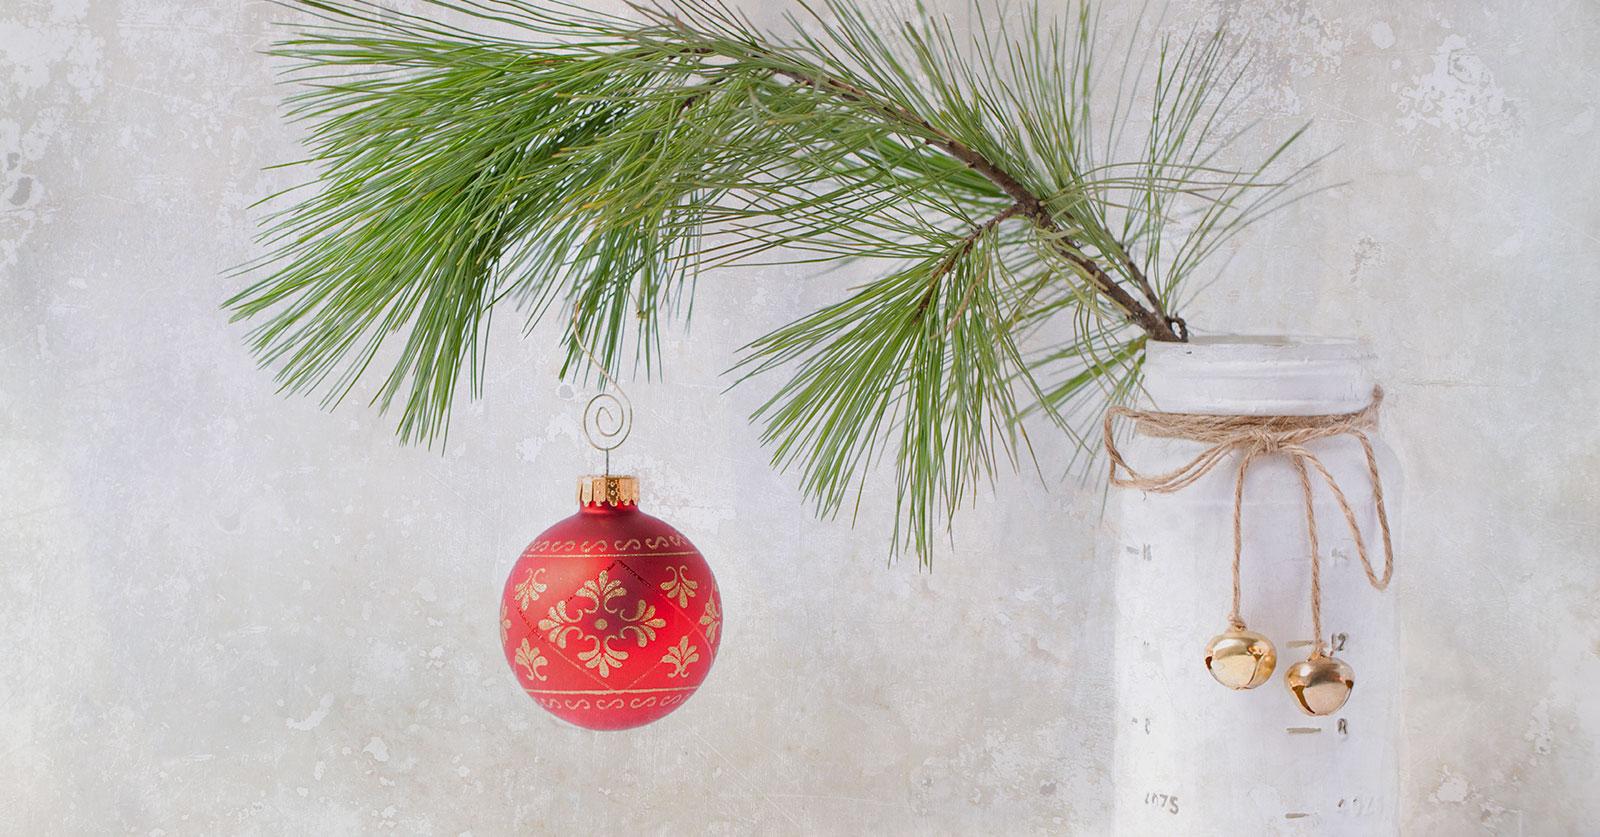 Décorations d'hiver avec des branches de sapin